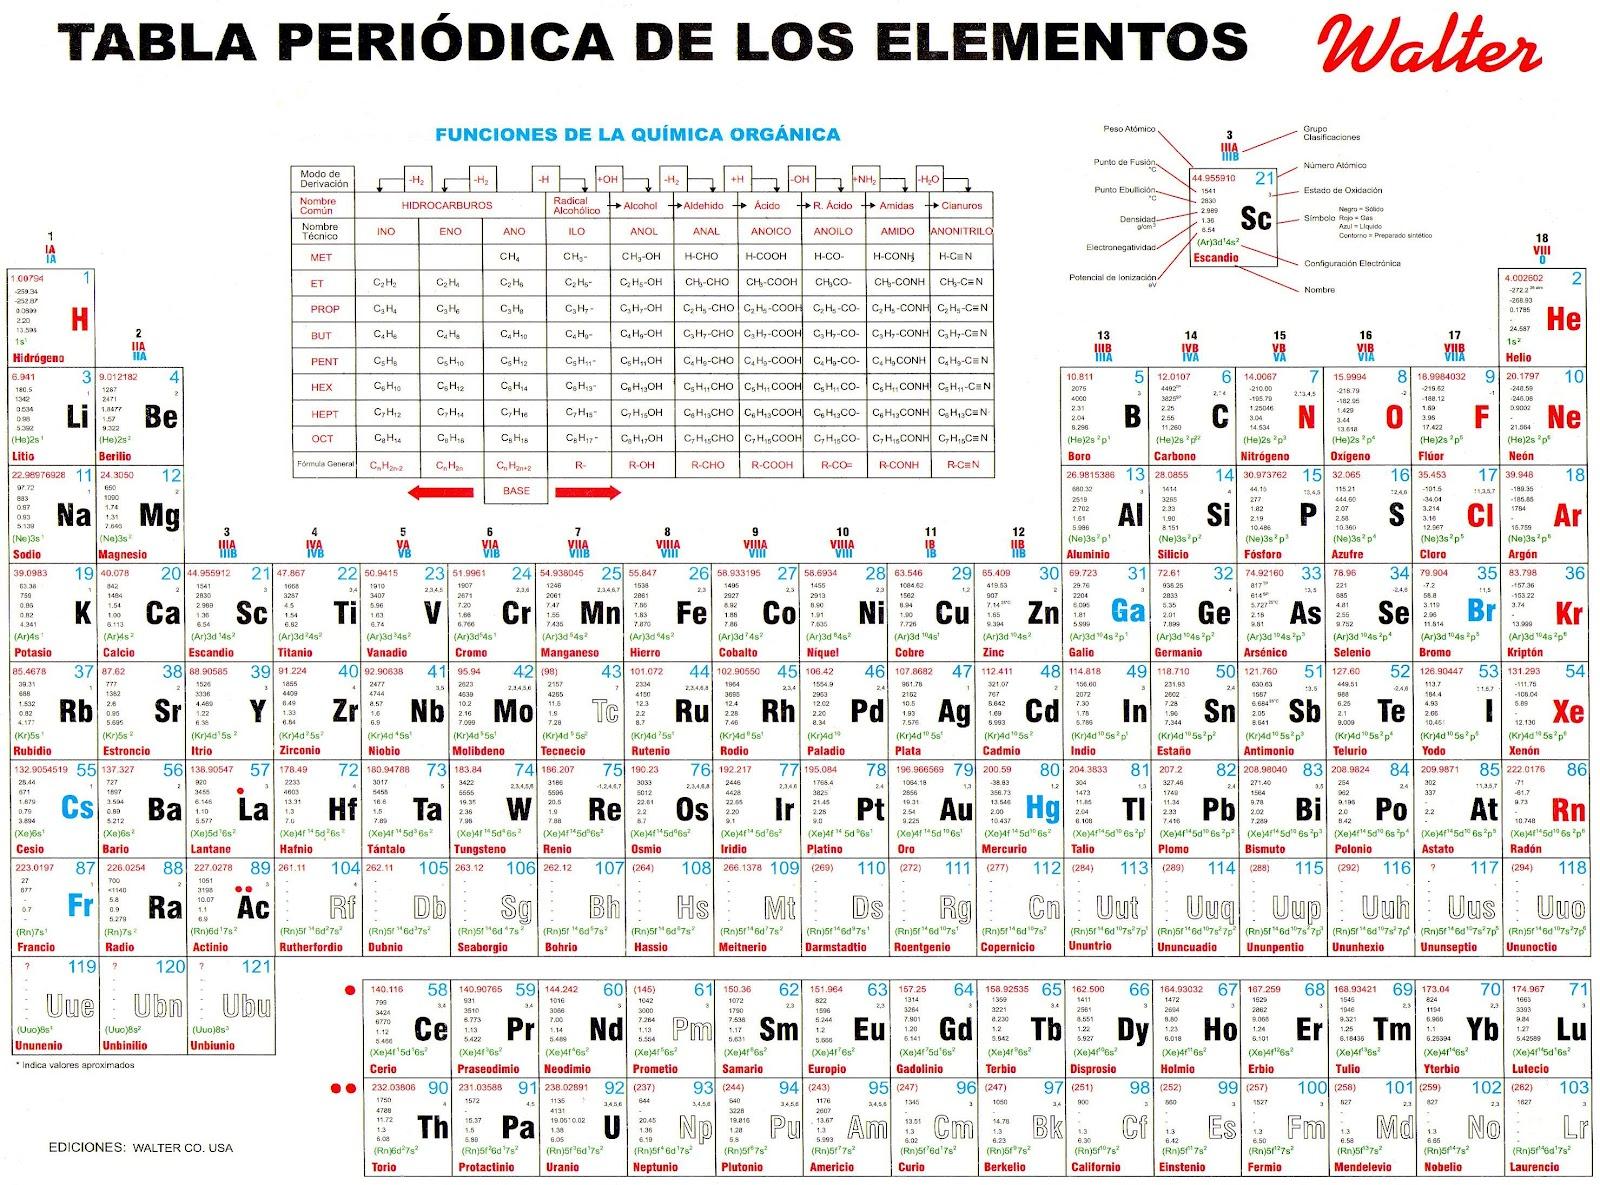 Tabla periodica de los elementos quimicos walter images periodic tabla periodica de los elementos quimicos walter images periodic tabla periodica de los elementos quimicos walter urtaz Gallery